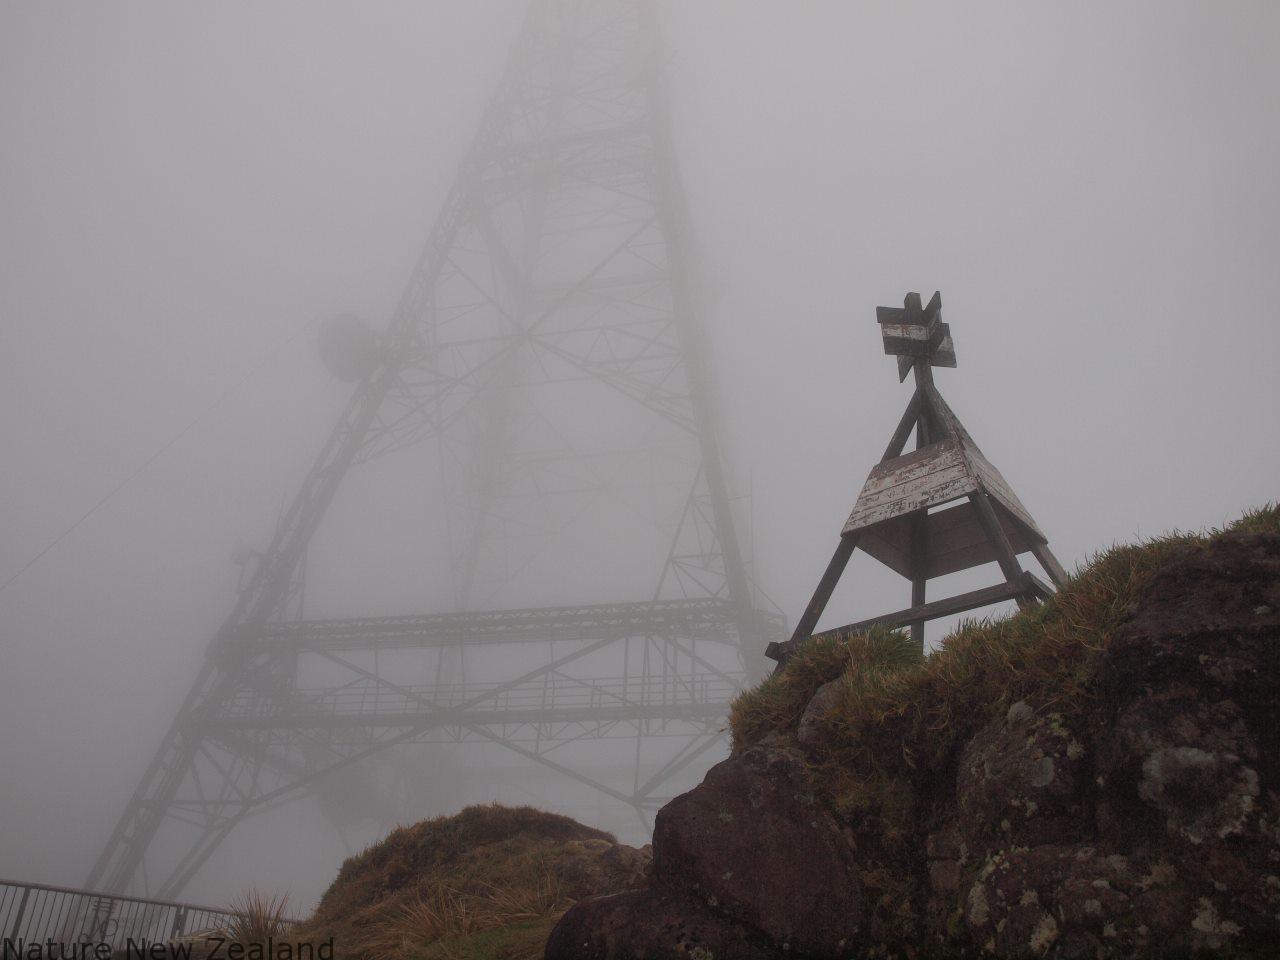 テ・アロハ頂上。電波塔がある。残念だけど、絶景は見られず・・